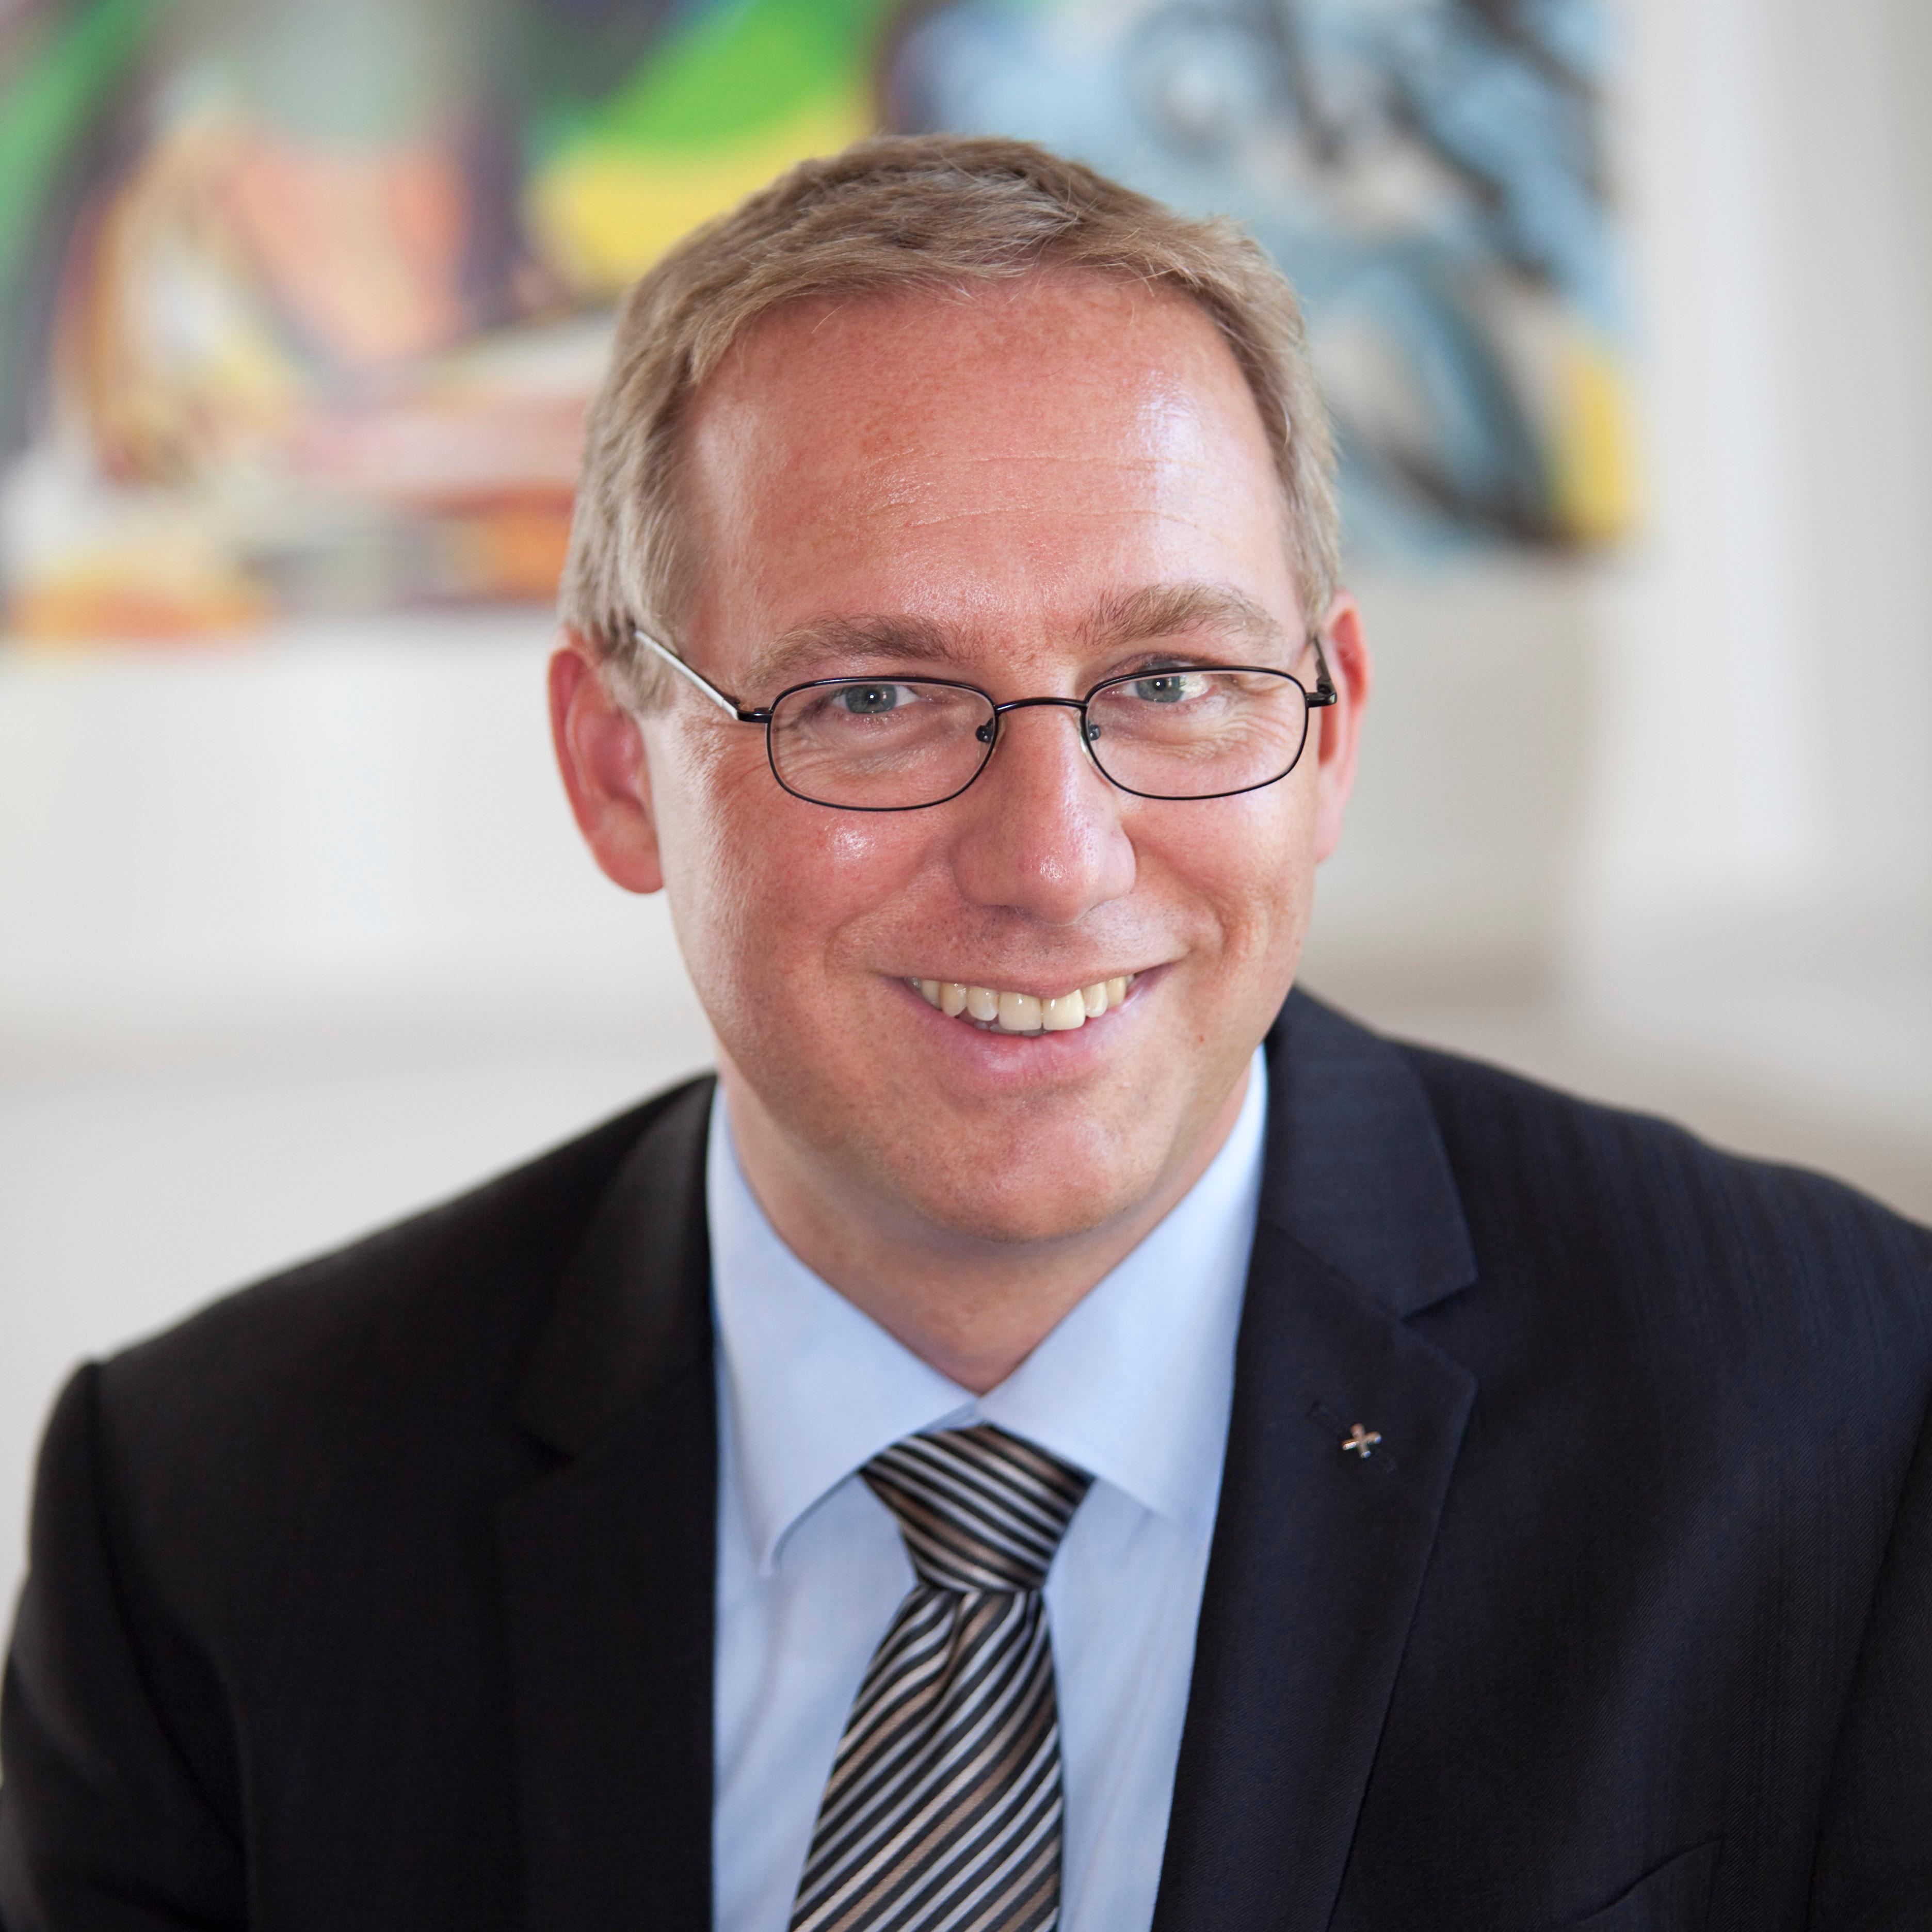 Michael Baldauf, Leiter Effizienz-/Prozessmanagement at Raiffeisen Salzburg Invest Kapitalanlage GmbH